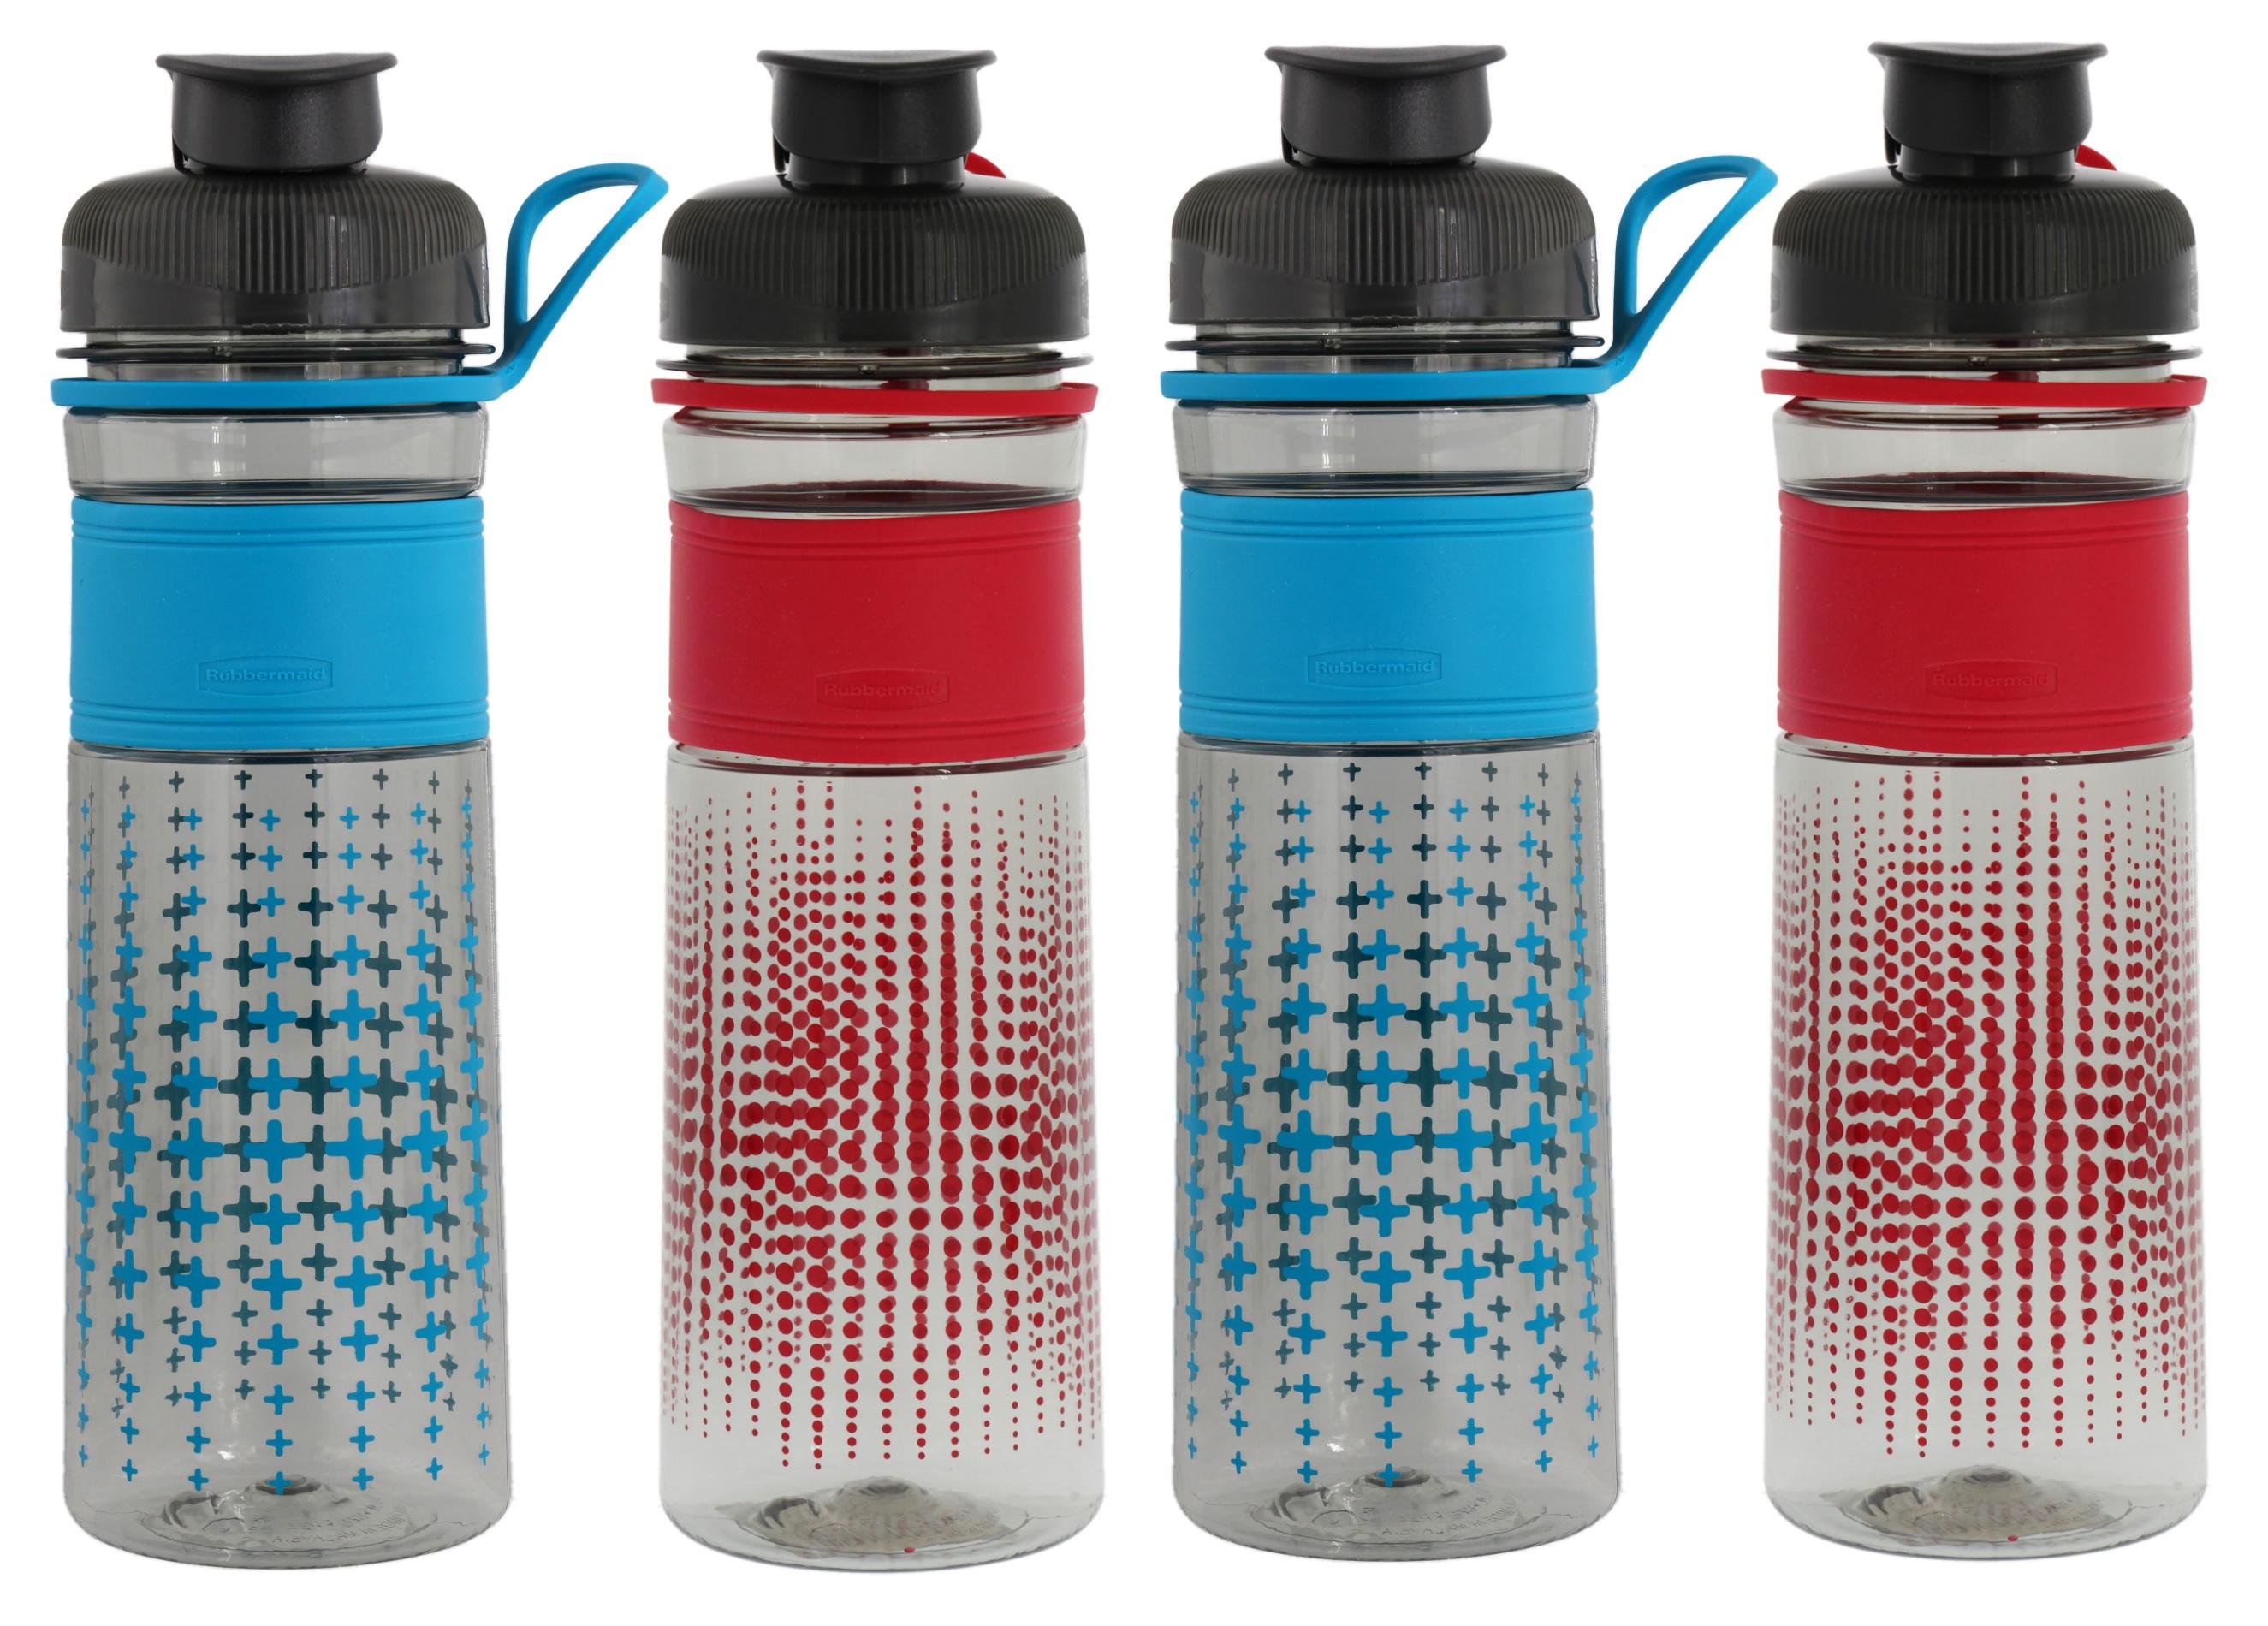 20 oz. Keylime Rubbermaid Hydration Bottle